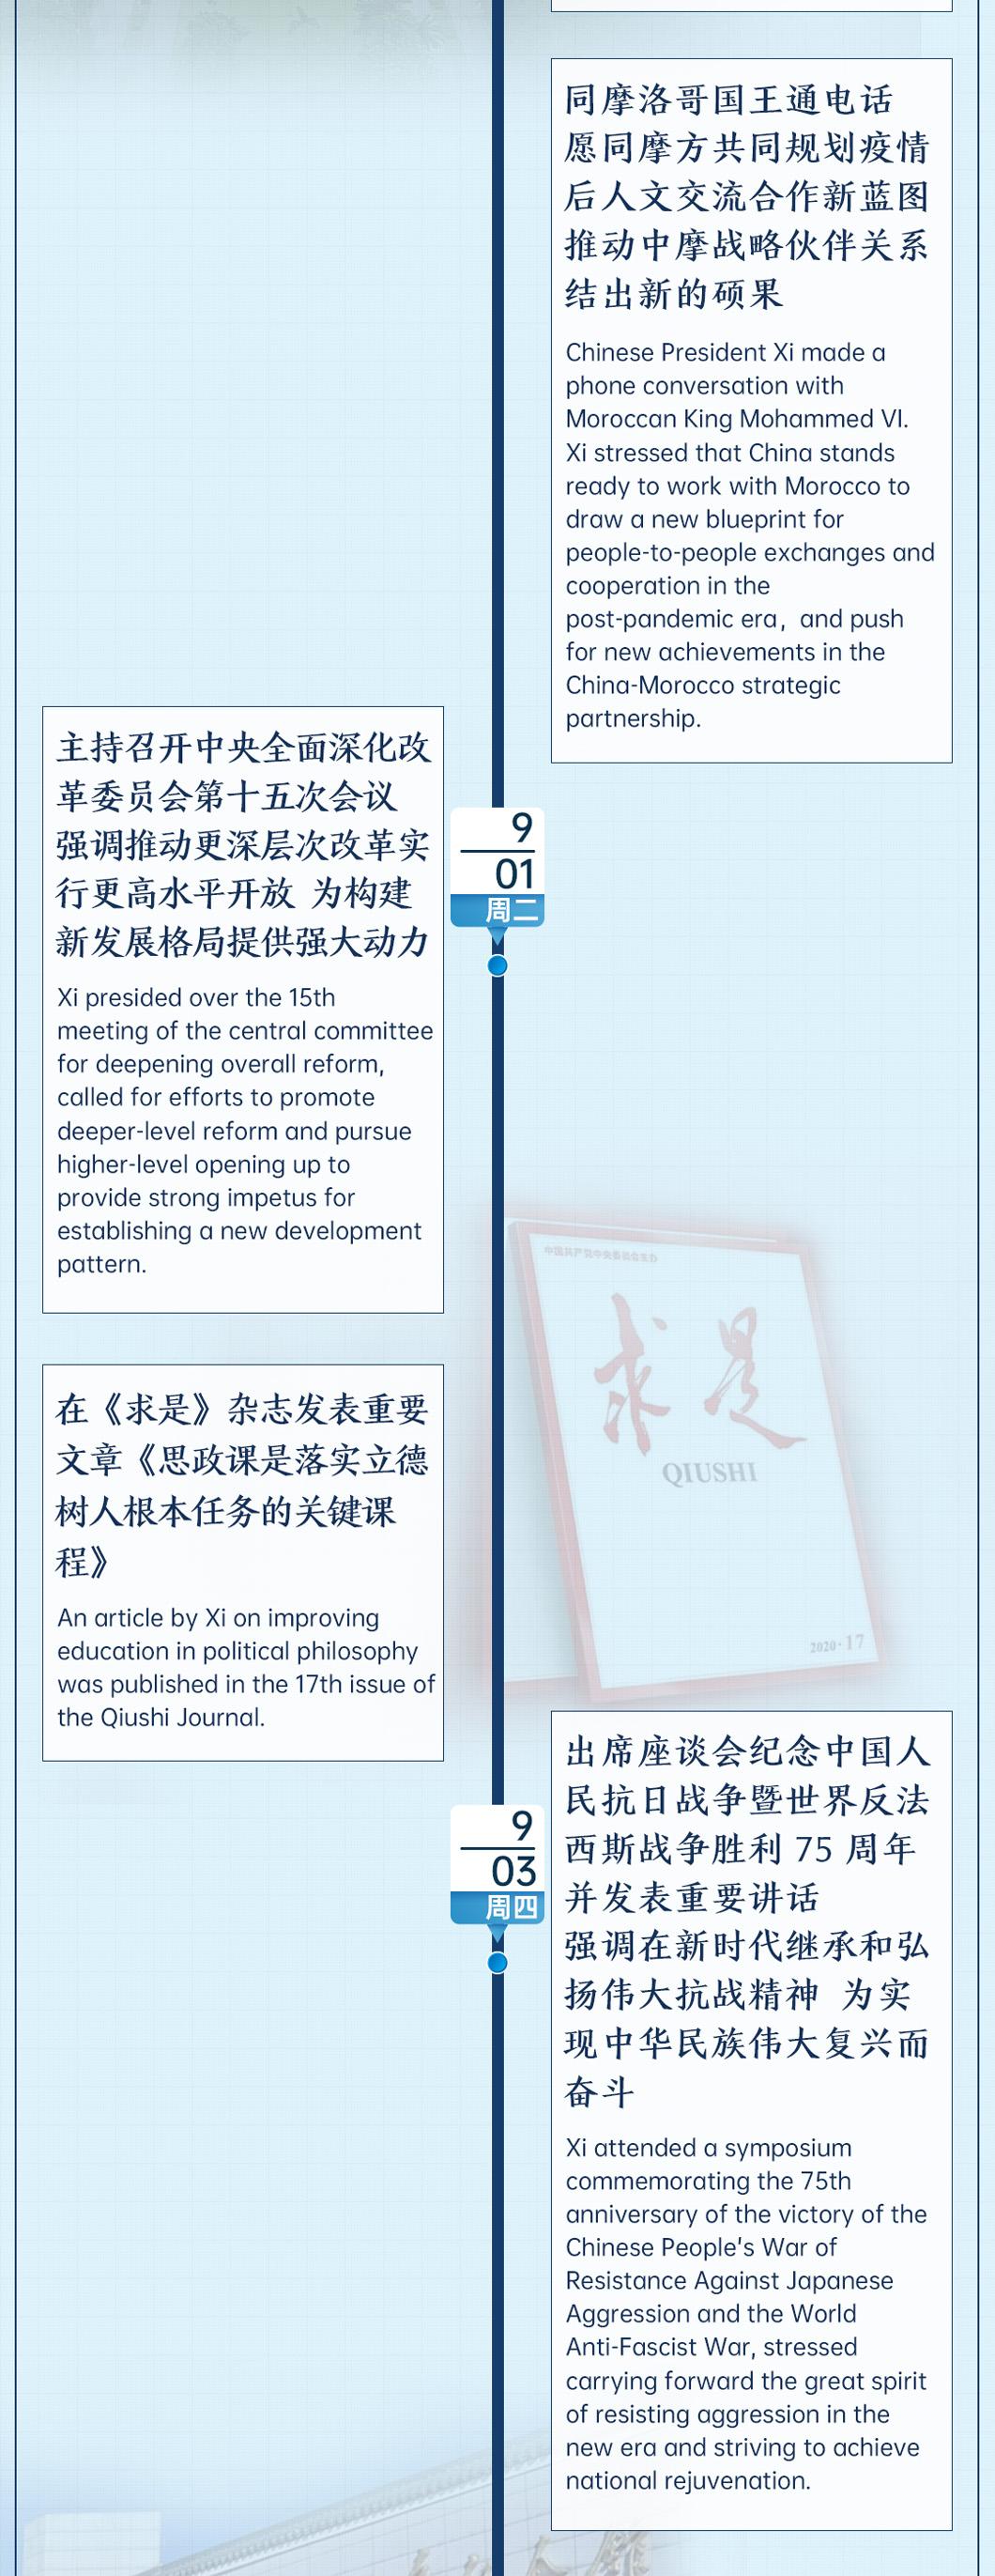 时政微周刊丨总书记的一周(8月31日—9月6日)